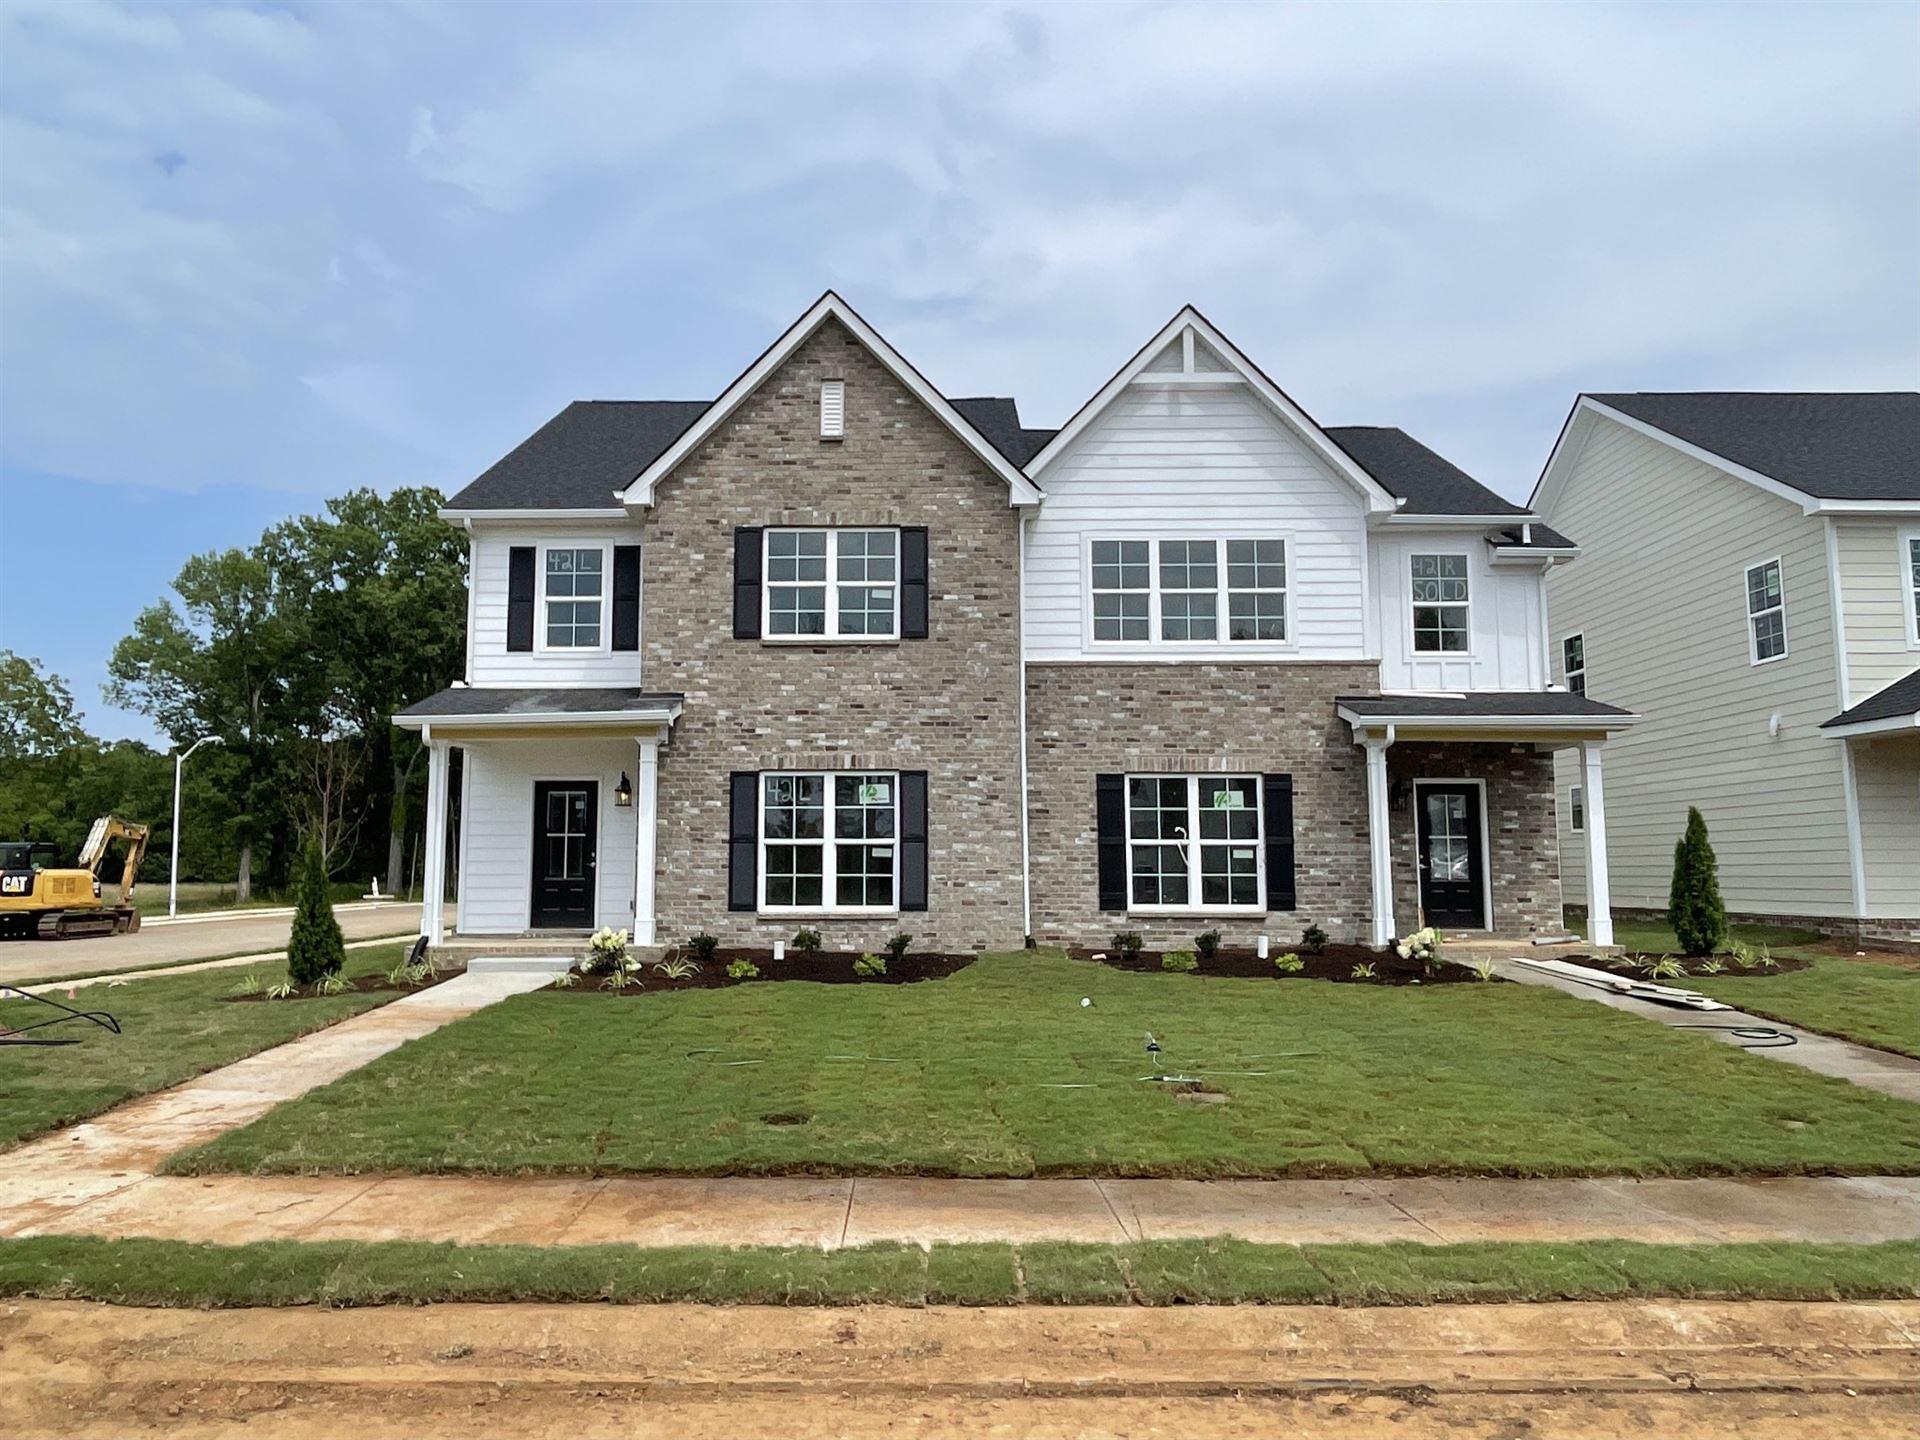 2145 Welltown Ln, Murfreesboro, TN 37128 - MLS#: 2279022